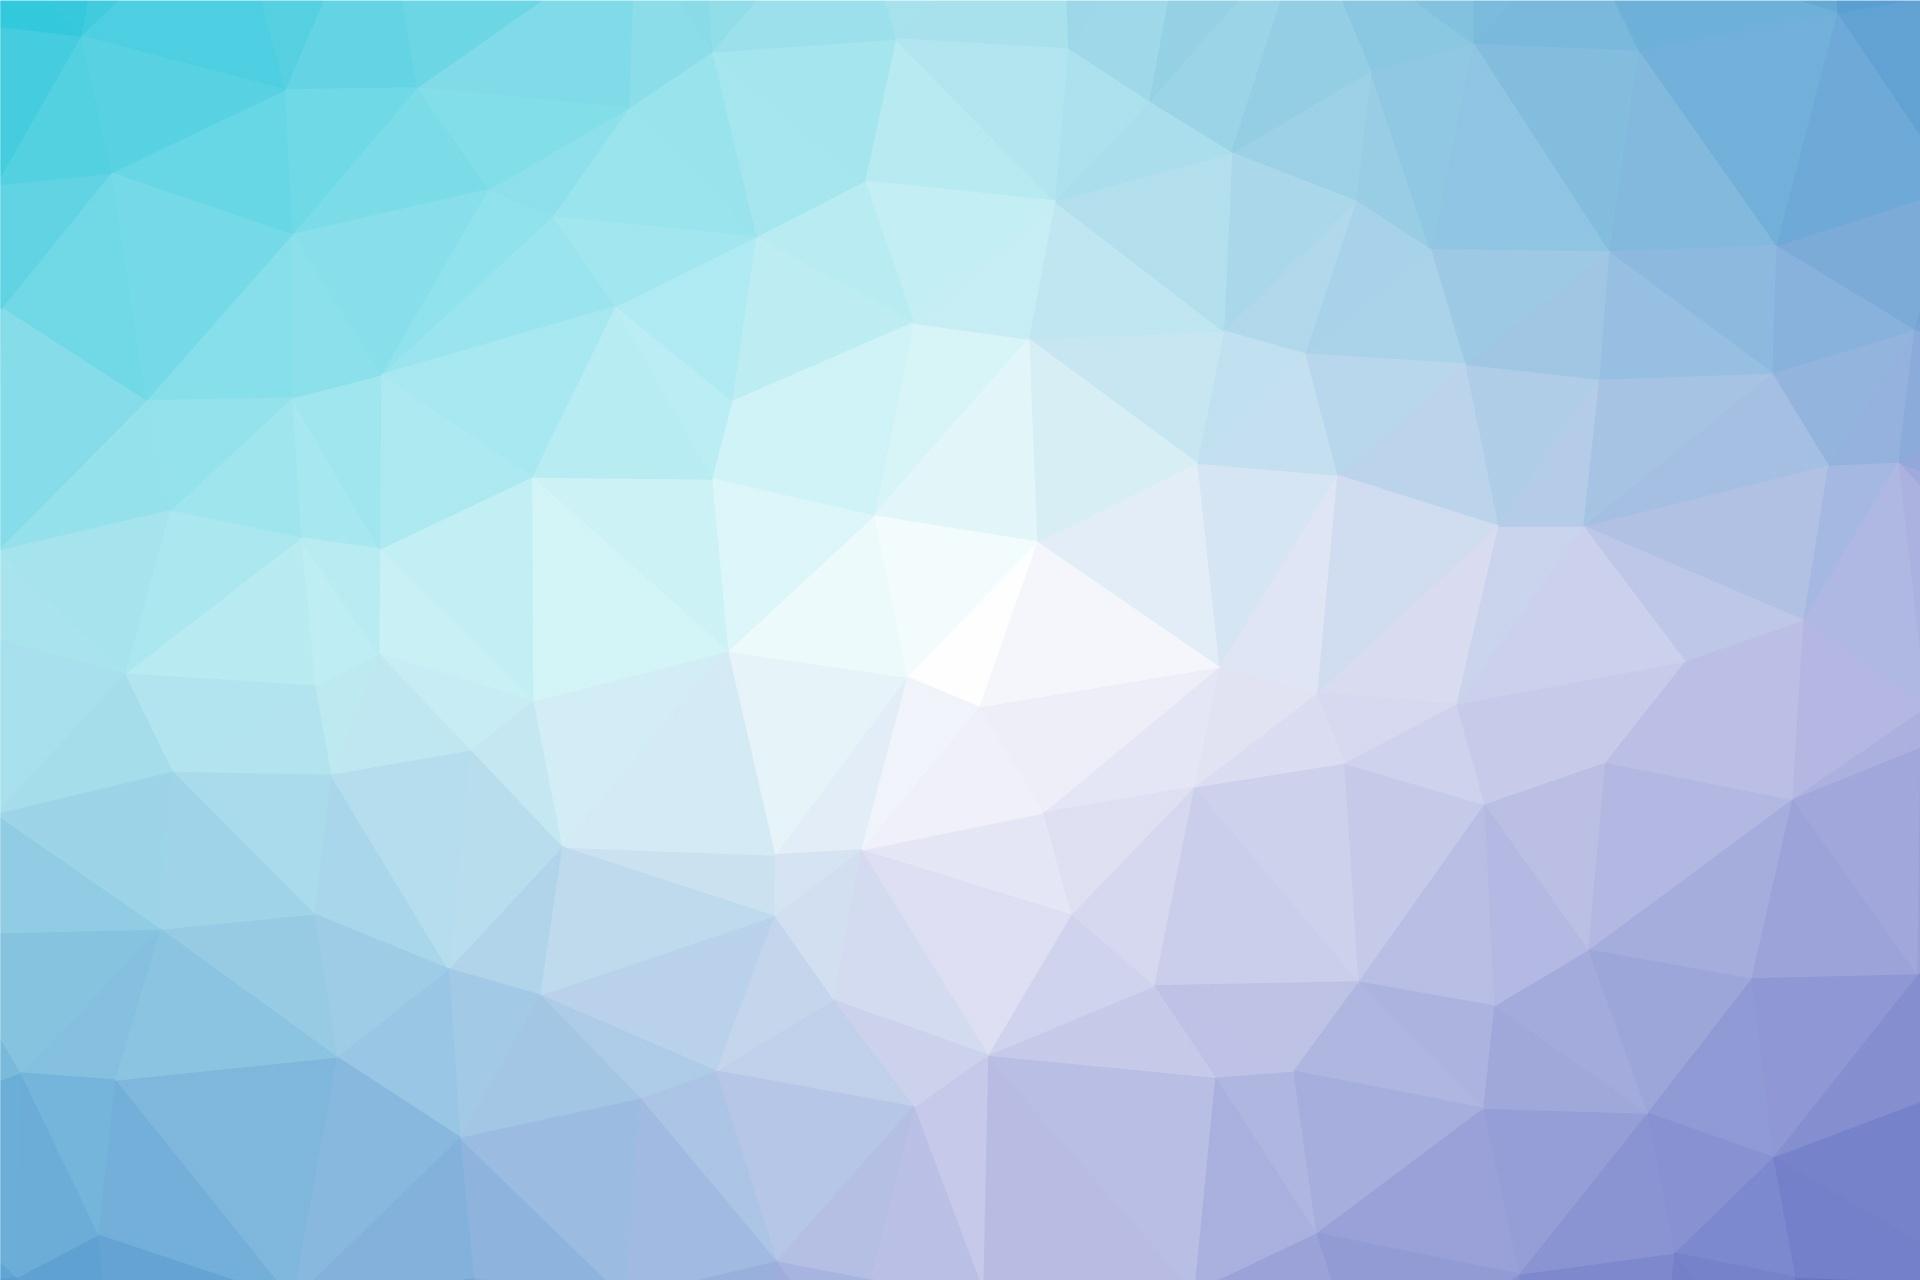 background image 12